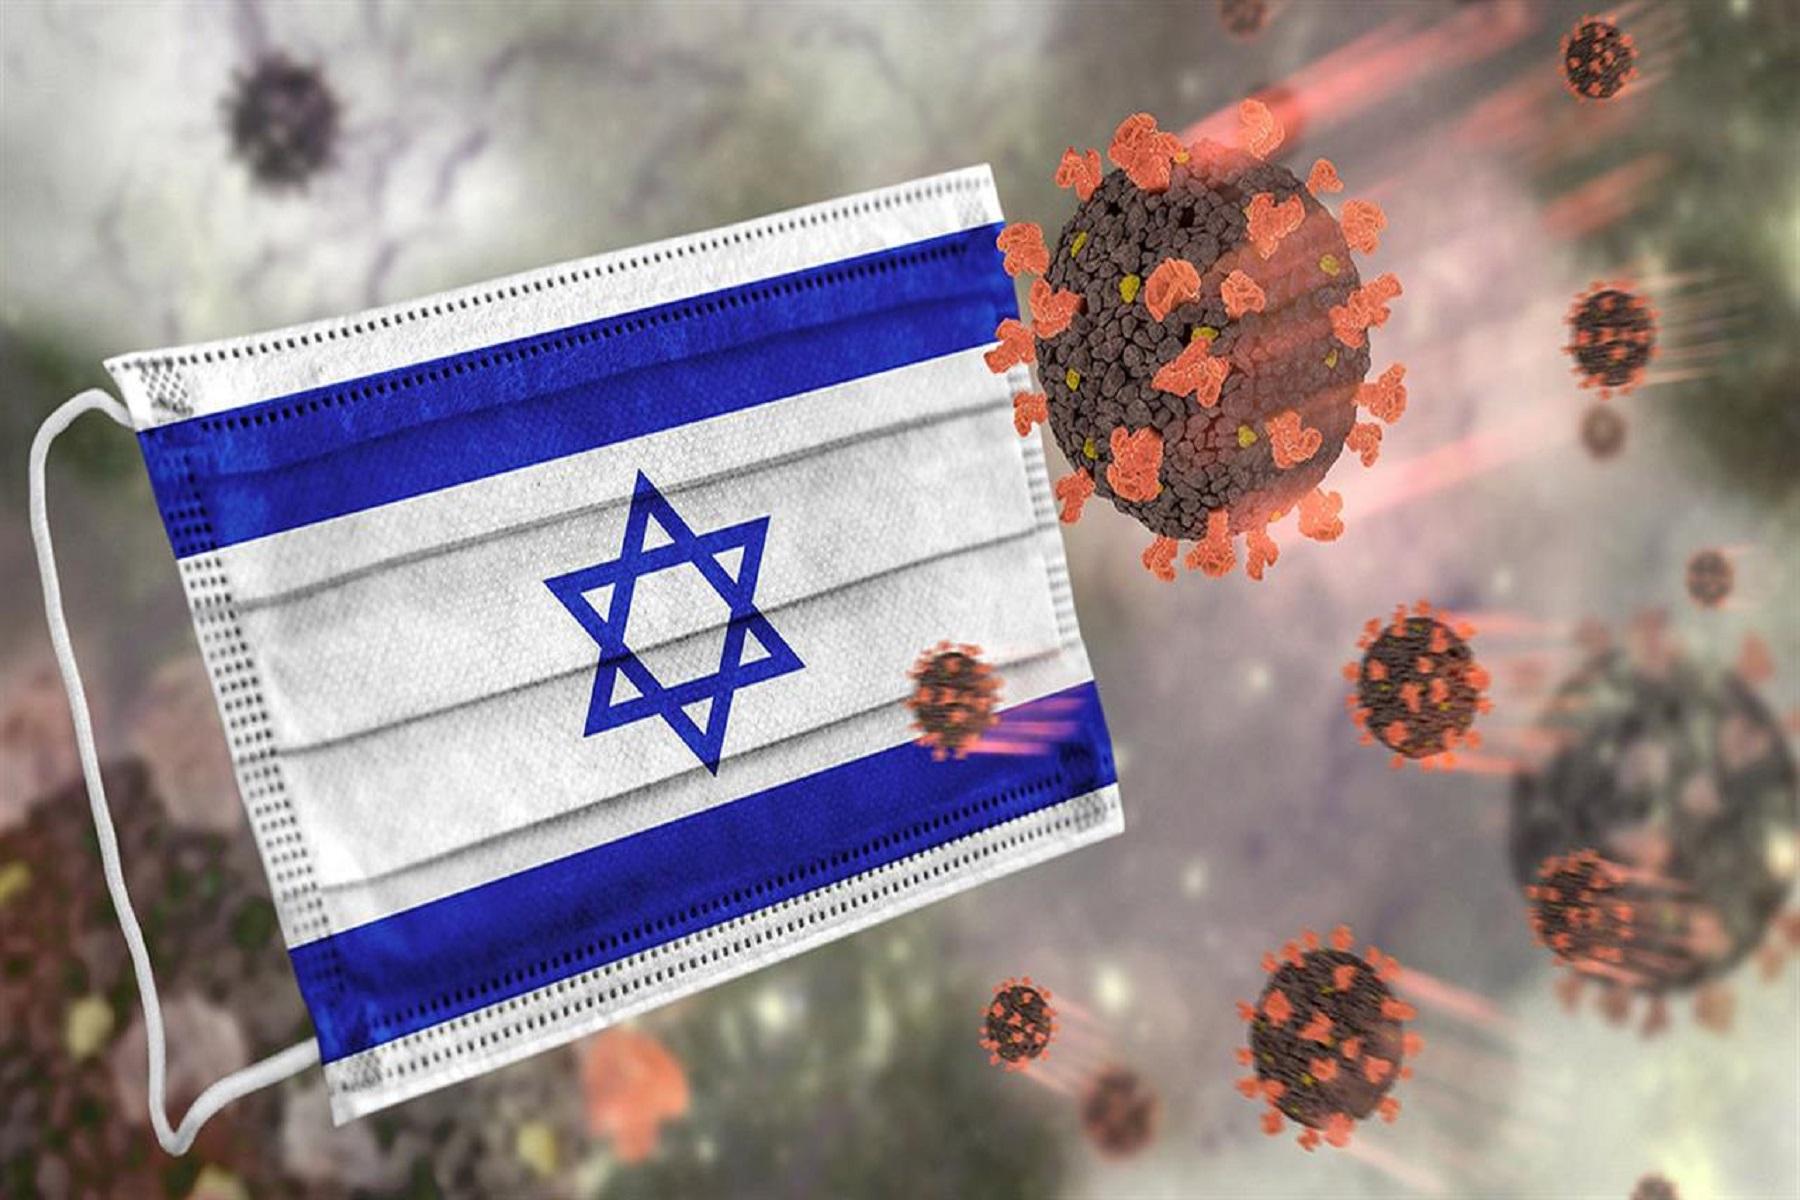 Υπουργείο Υγείας Ισραήλ: Πέφτει η αποτελεσματικότητα του εμβολίου covid της Phizer στο 39%